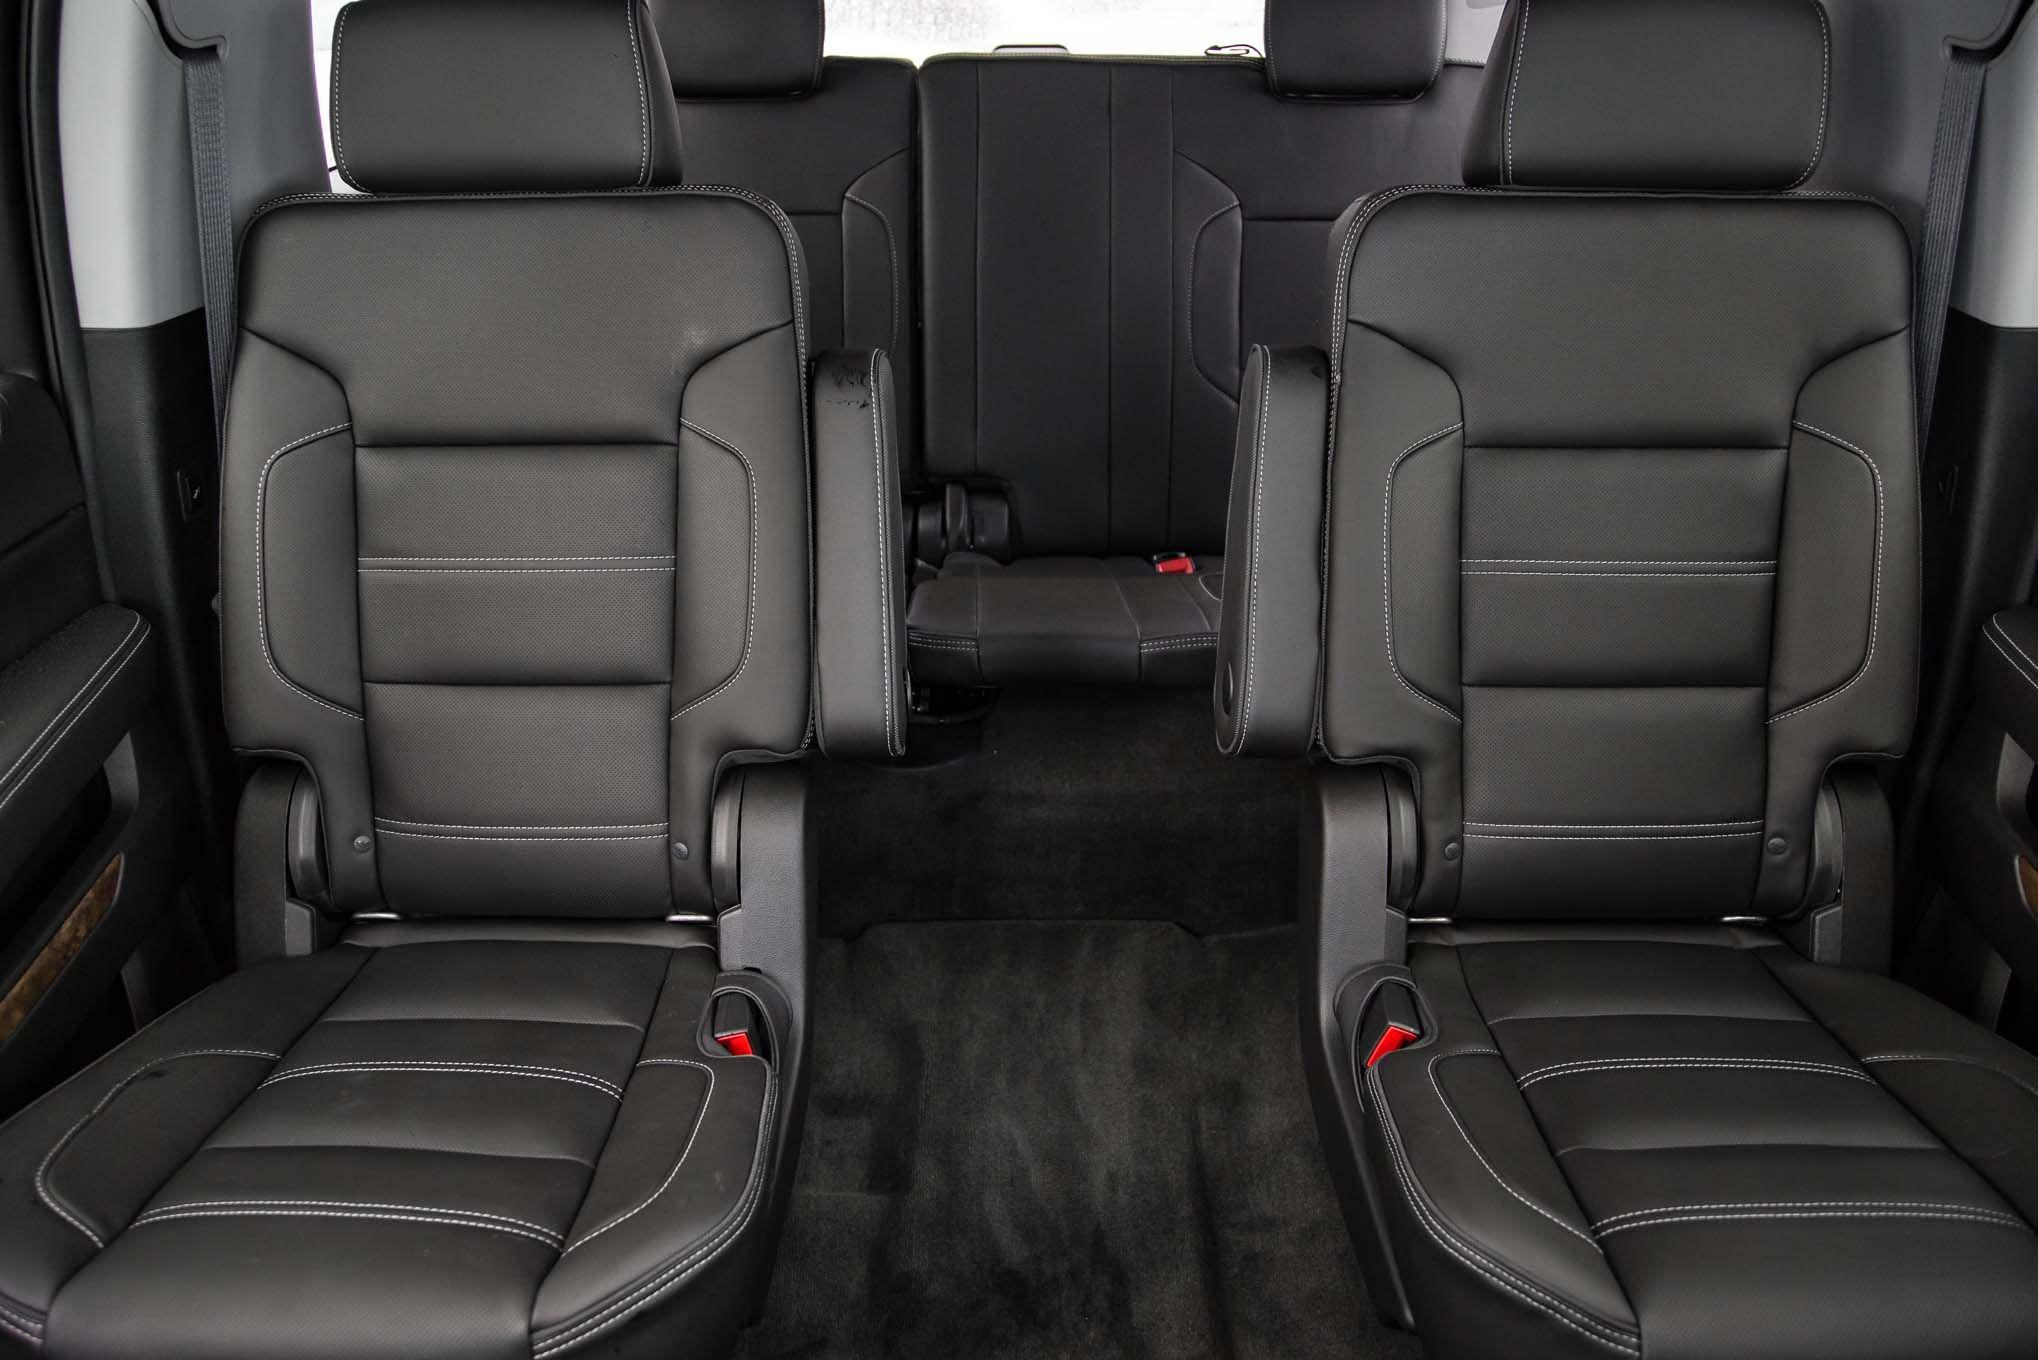 2015 yukon interior 2015 gmc yukon xl rear interior seats